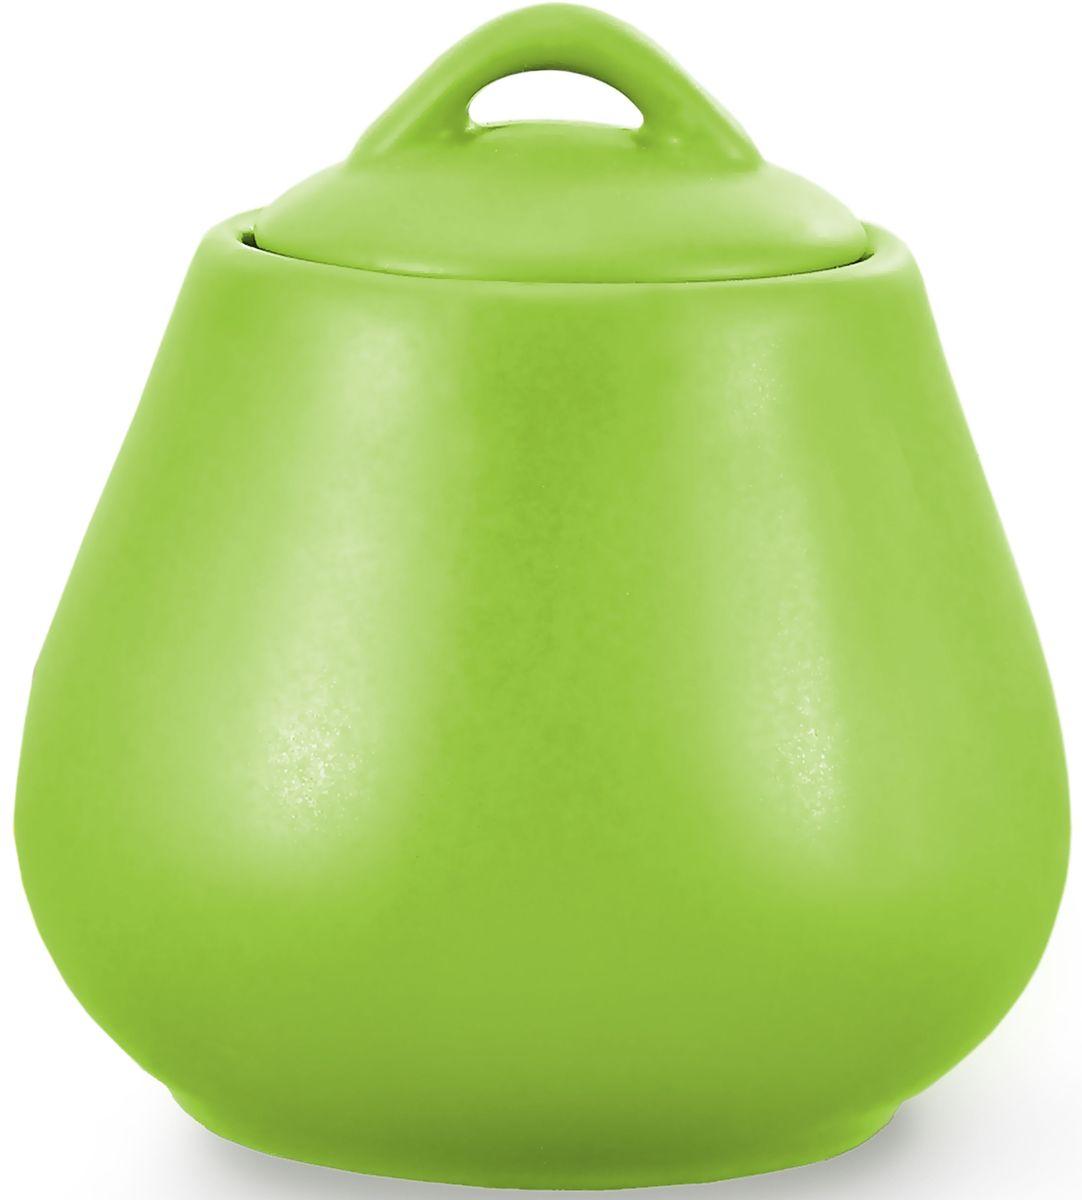 Сахарница Fissman, цвет: зеленый, 600 мл. 9332SB-9332.600